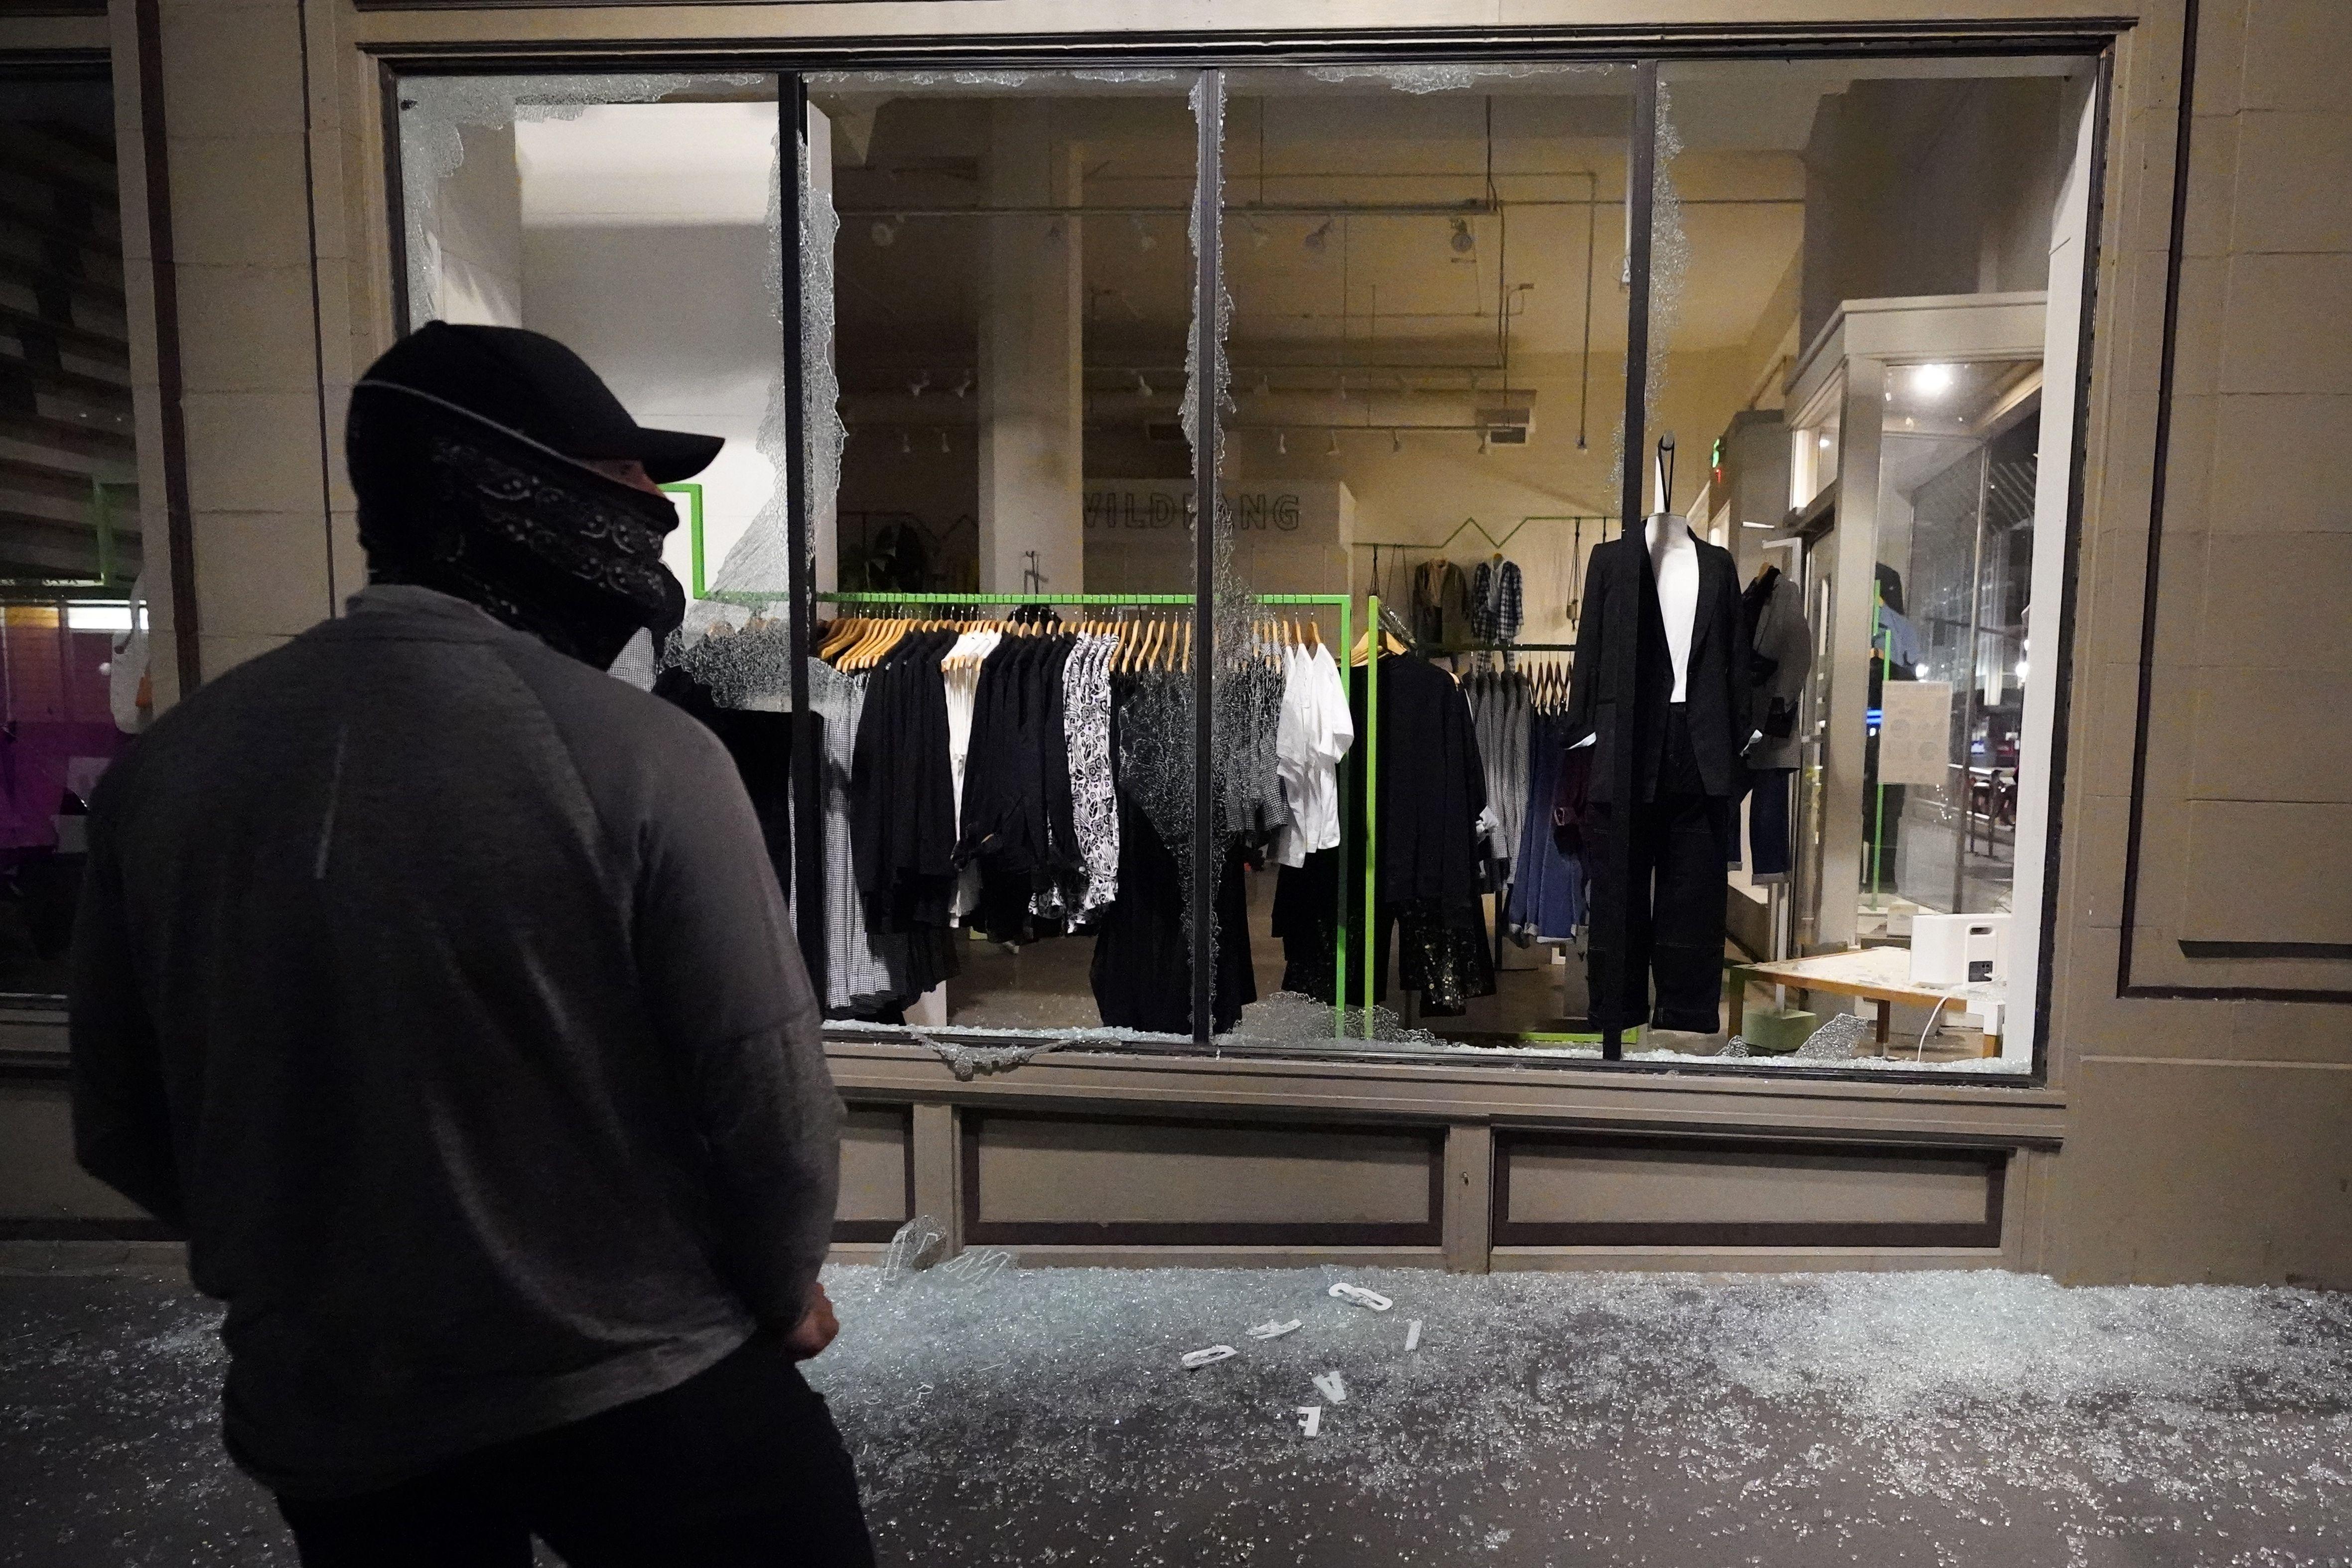 policia de portland duda en controlar protestas violentas